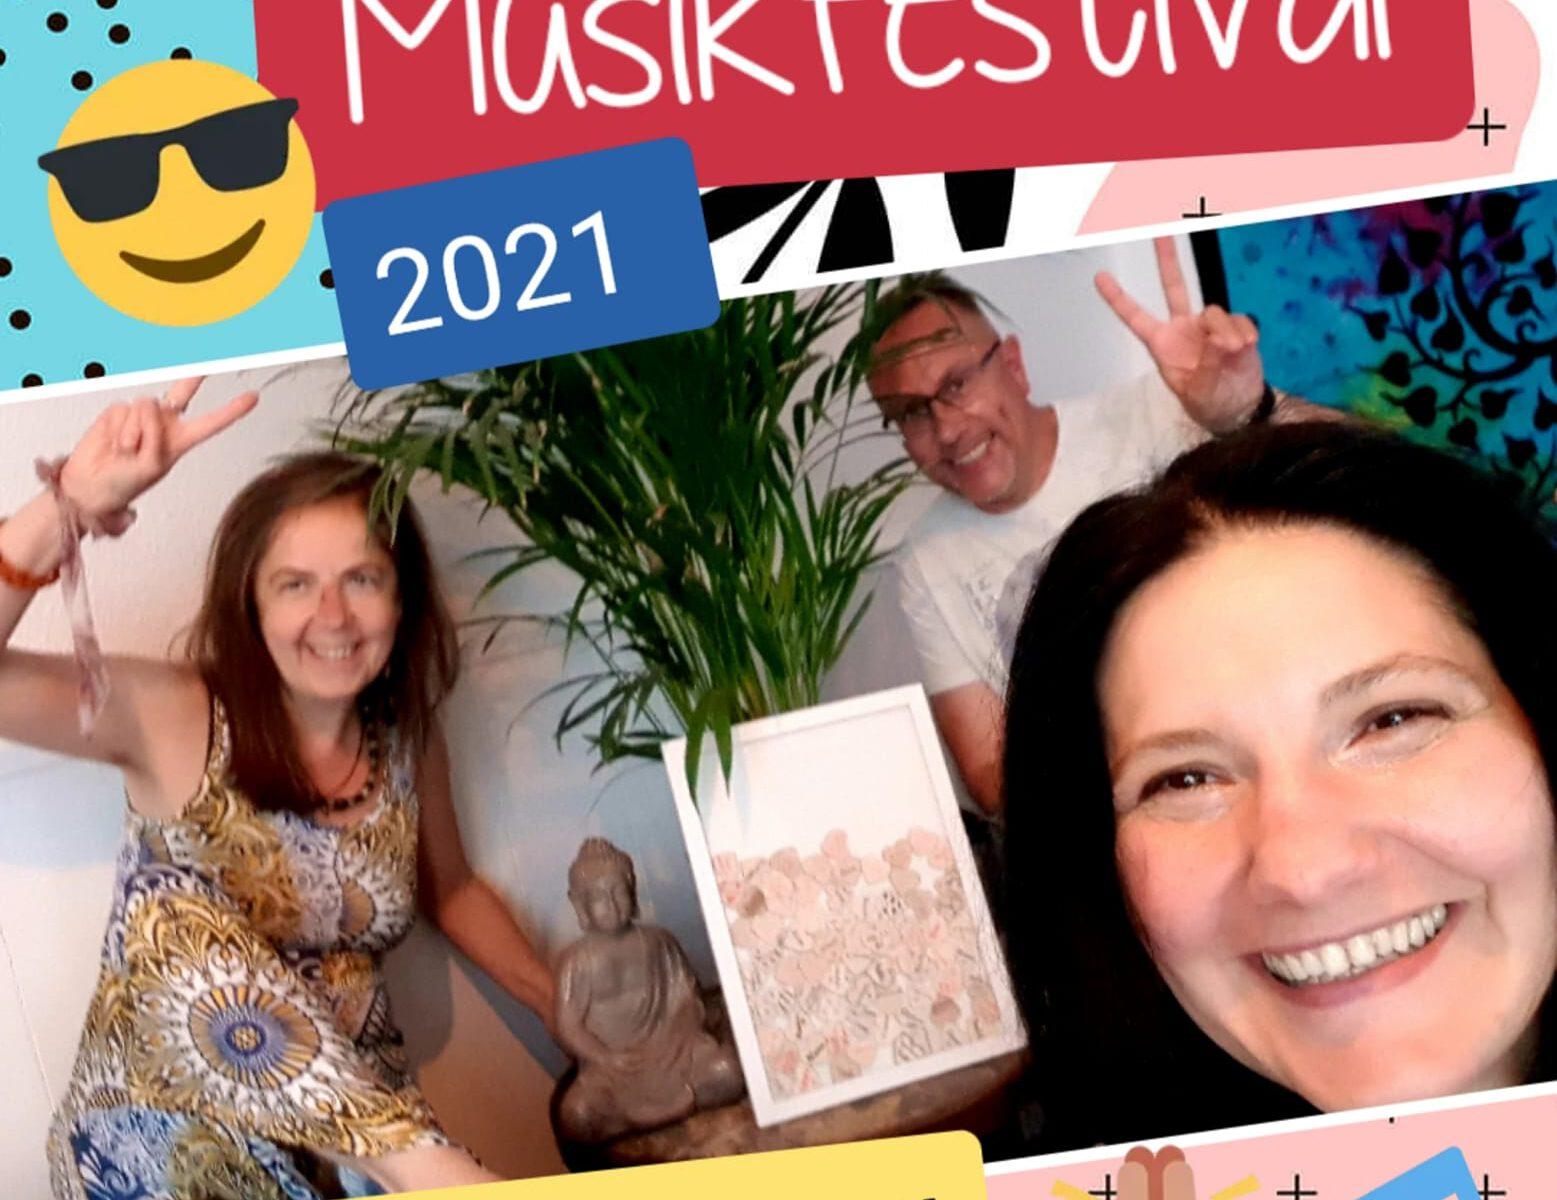 yogavilla Musikfestival 2021